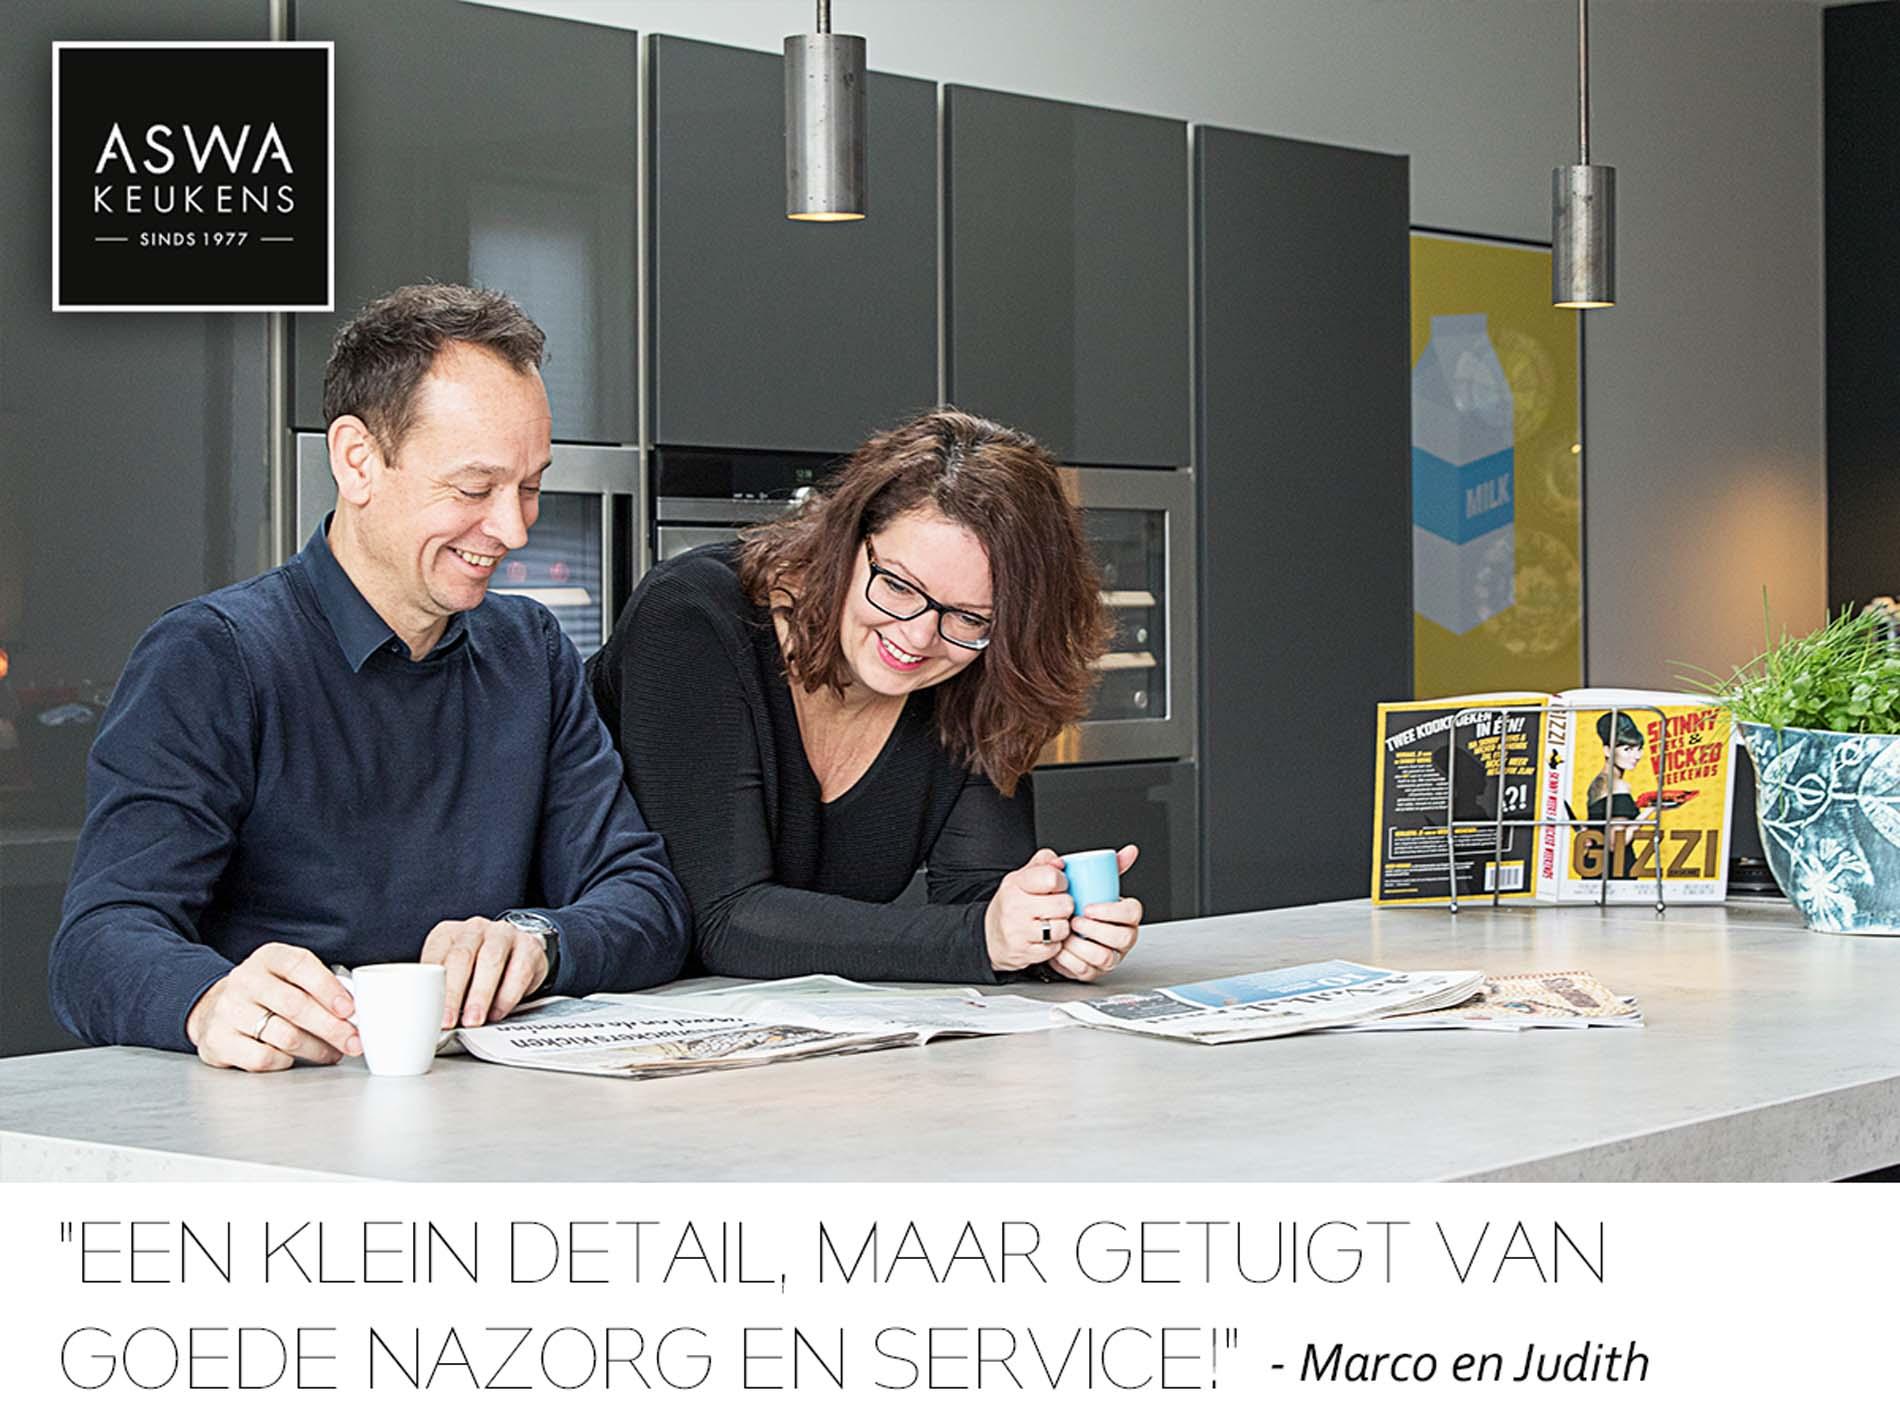 Kijkje in de keuken bij Marco en Judith uit Eindhoven